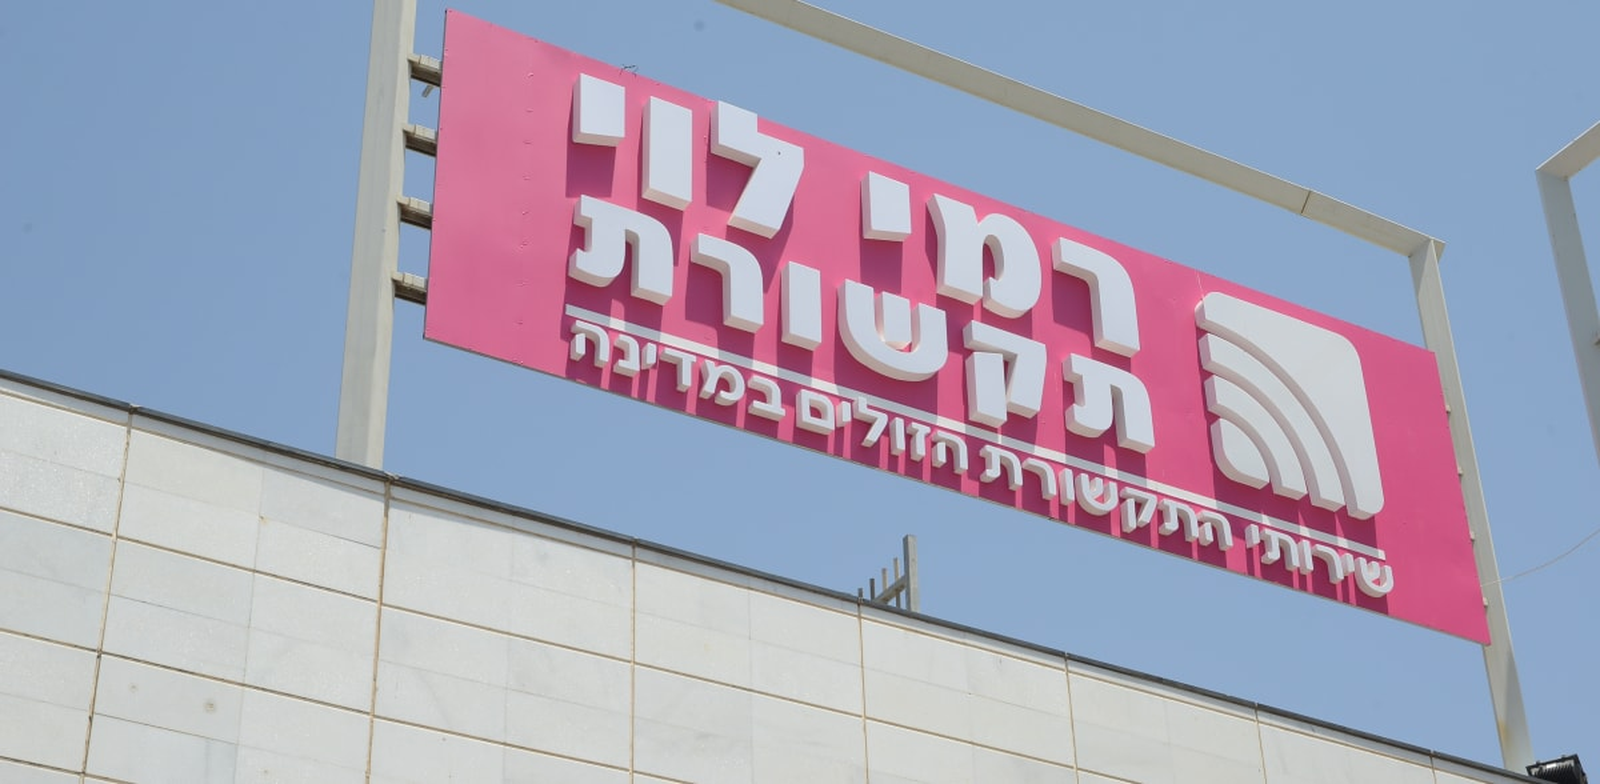 שלט רמי לוי תקשורת / צילום: איל יצהר